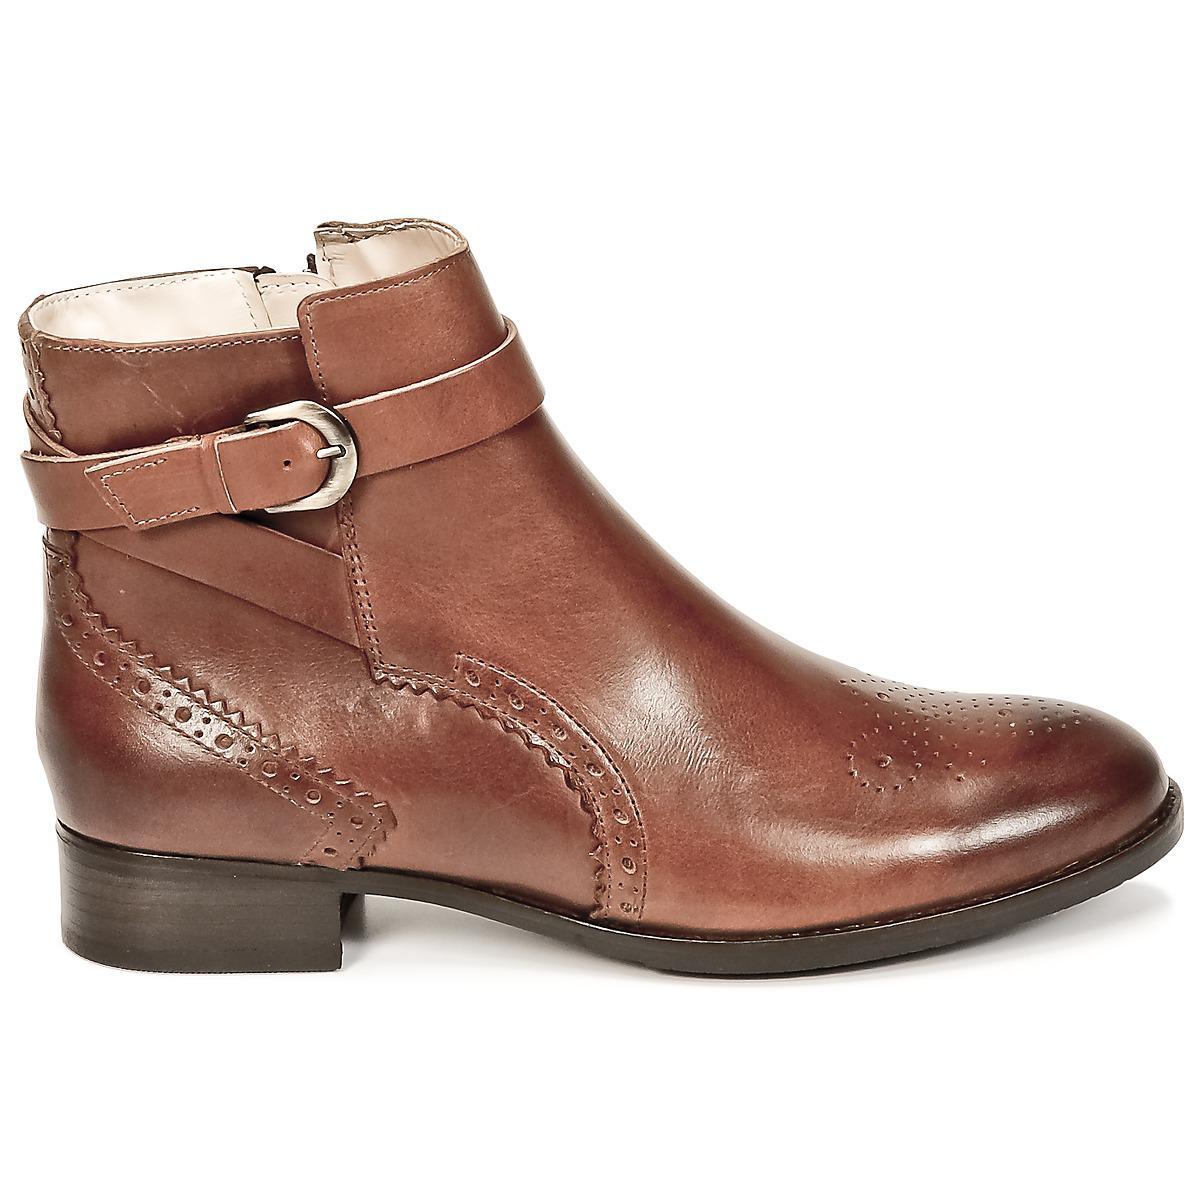 NETLEY OLIVIA Boots Cuir Clarks en coloris Marron - 7 % de réduction